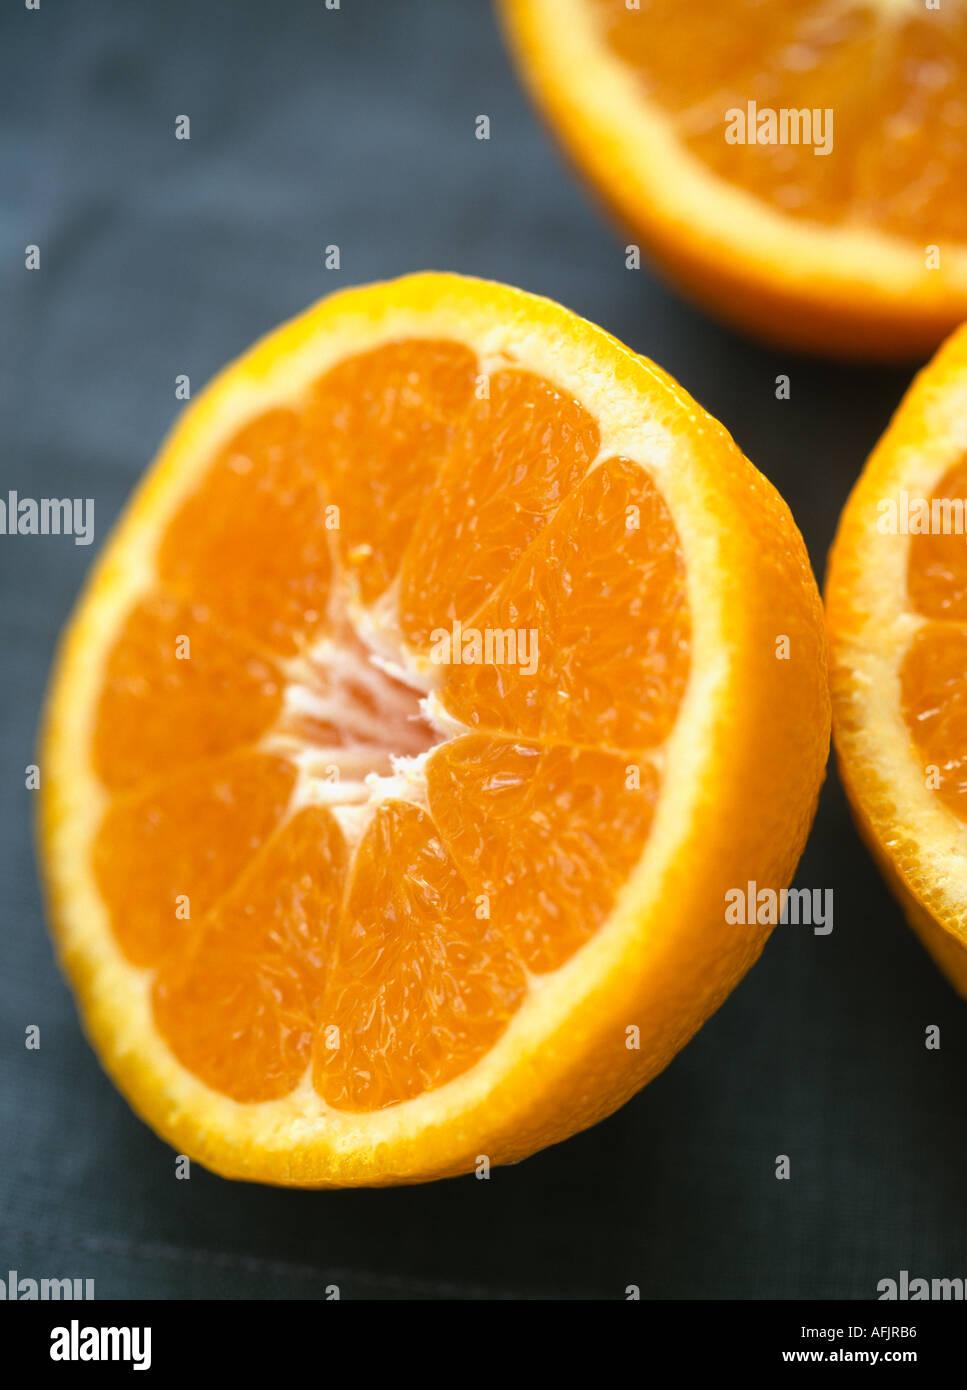 Orange halves - Stock Image